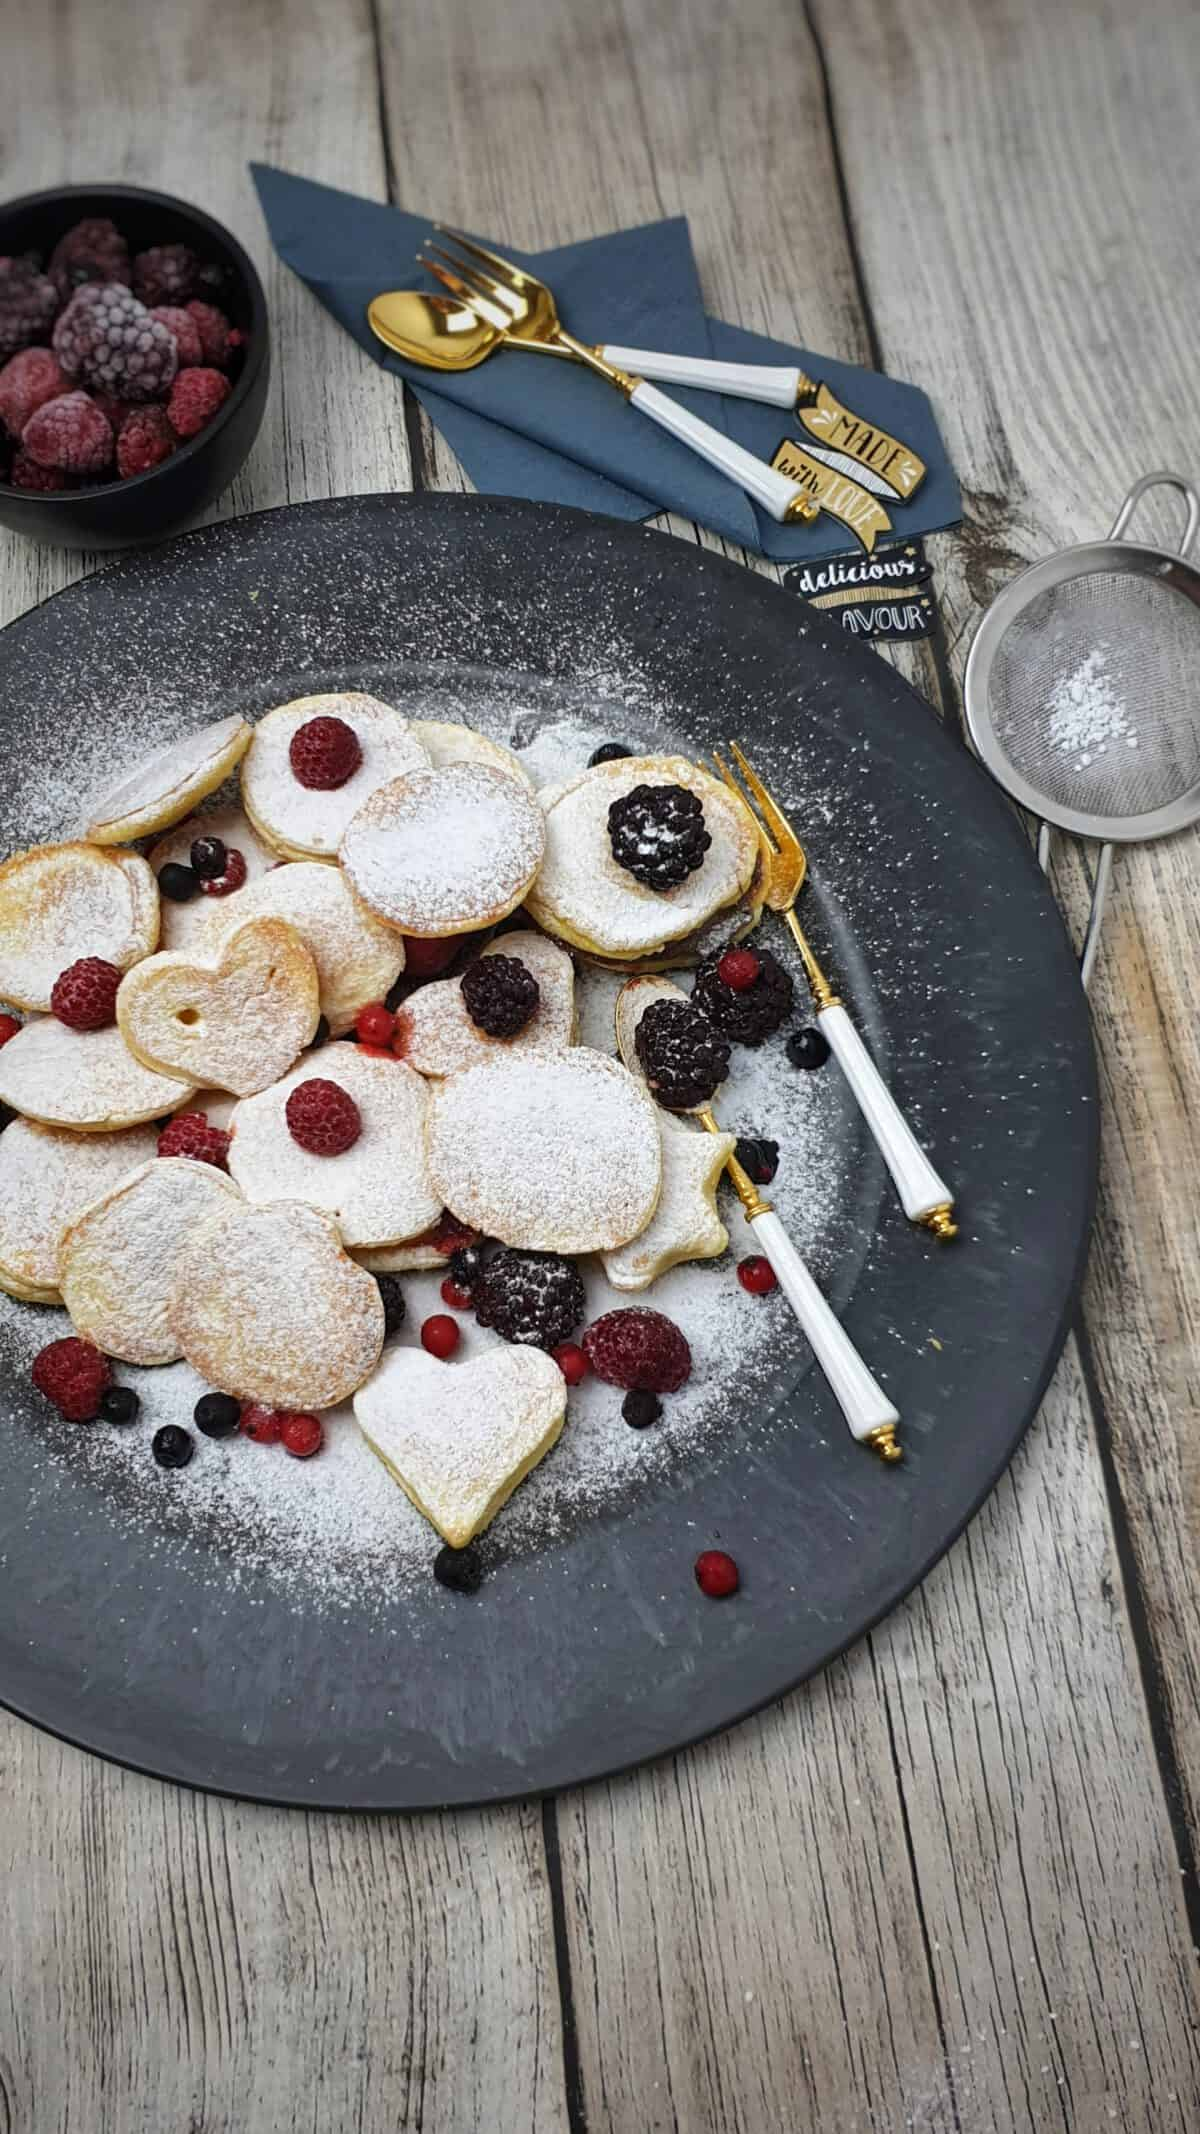 Auf einem dunklen runden Teller serviert Poffertjes mit Puderzucker und frischen Beeren.